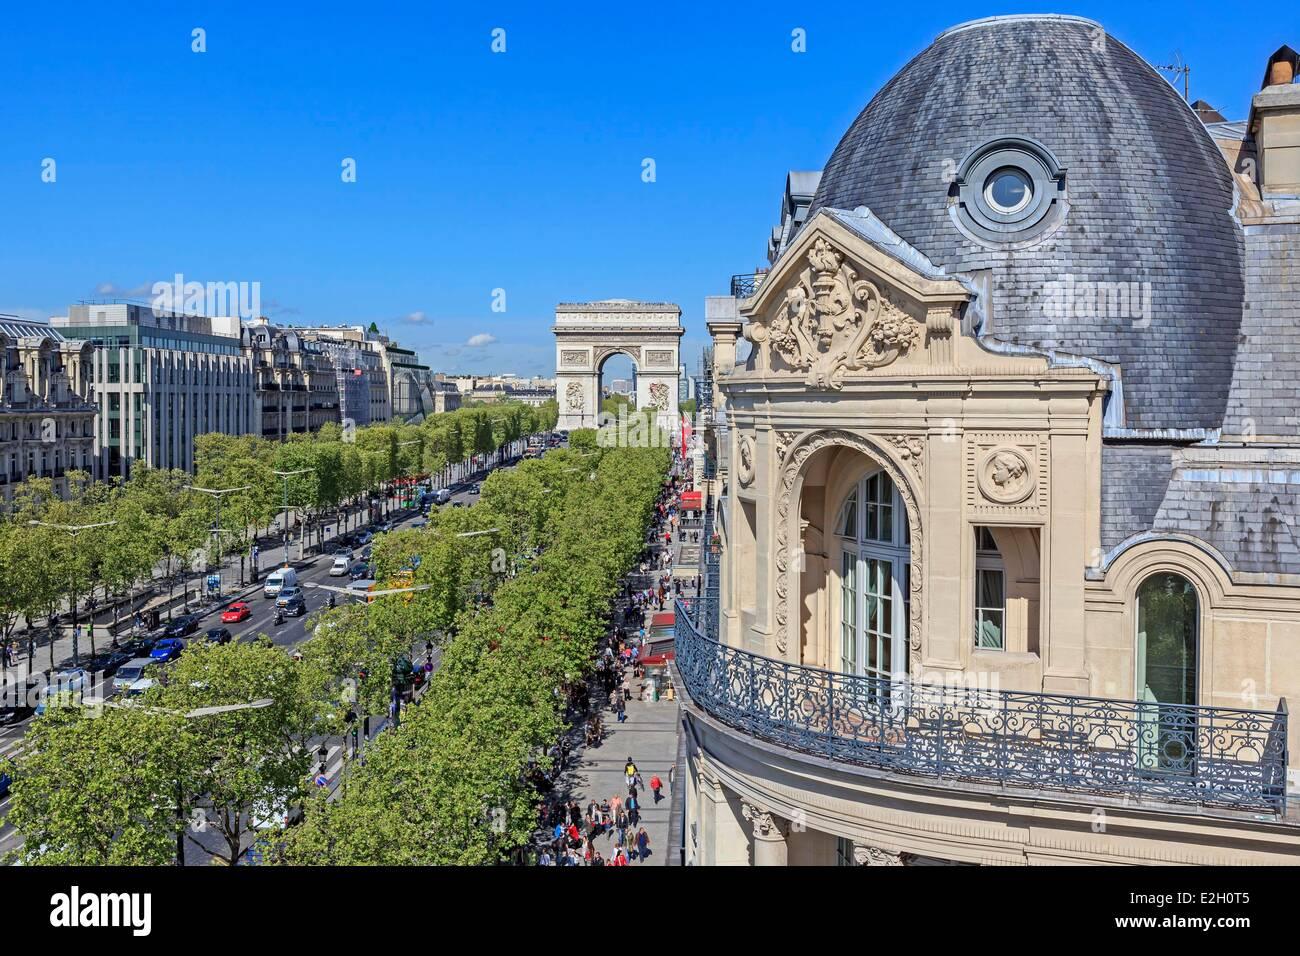 France Paris Arc de Triomphe and Champs Elysees avenue - Stock Image